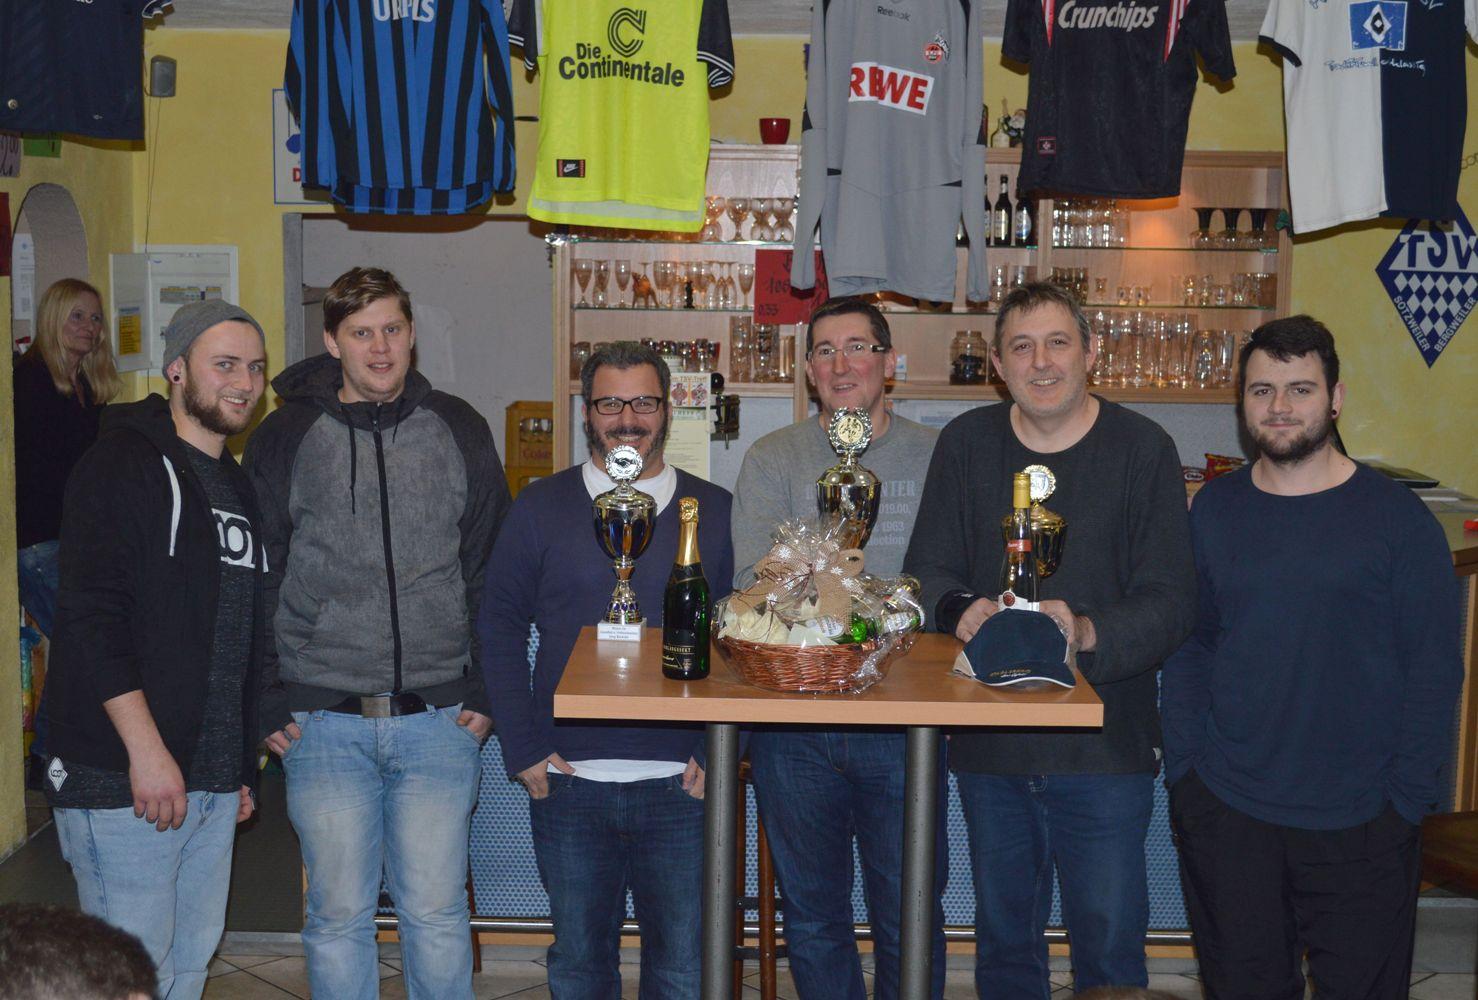 Bauerturnier 2016 - Die Siegerteams